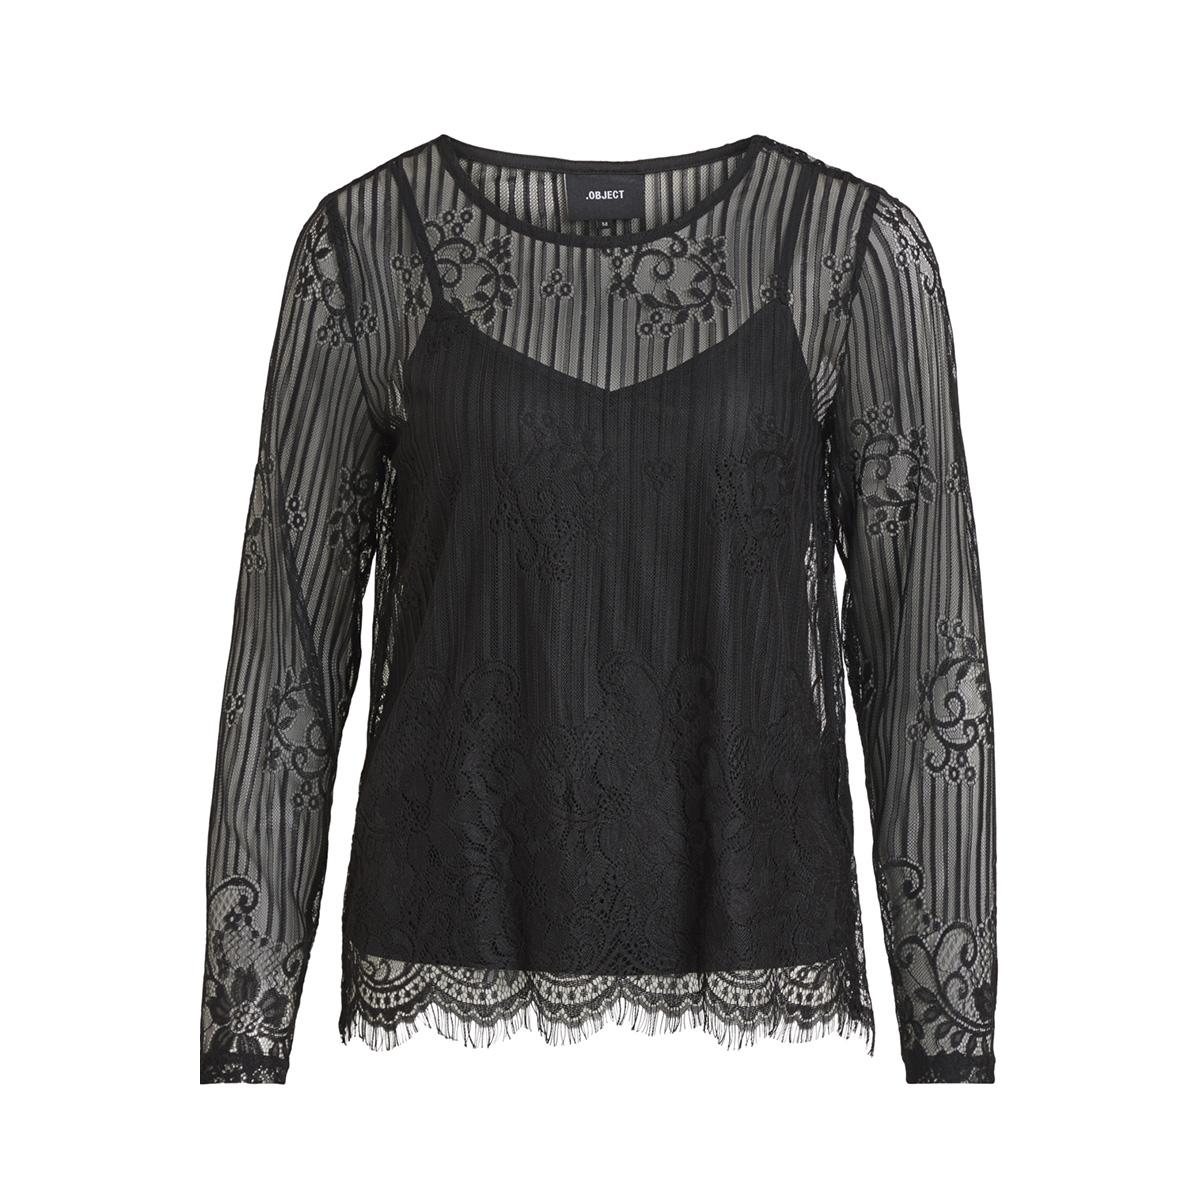 objmelly l/s top pb5 23028364 object t-shirt black